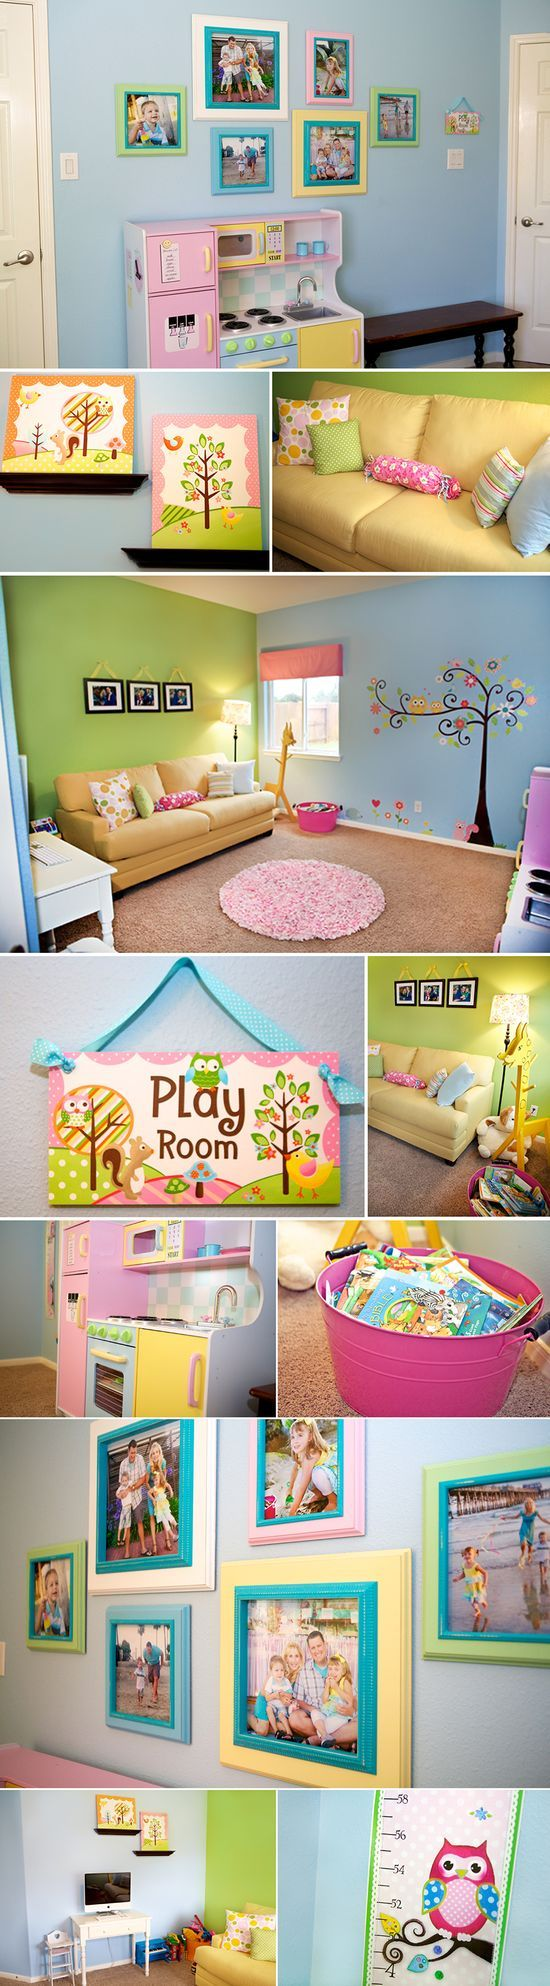 Playroom   Pin 4 Reno